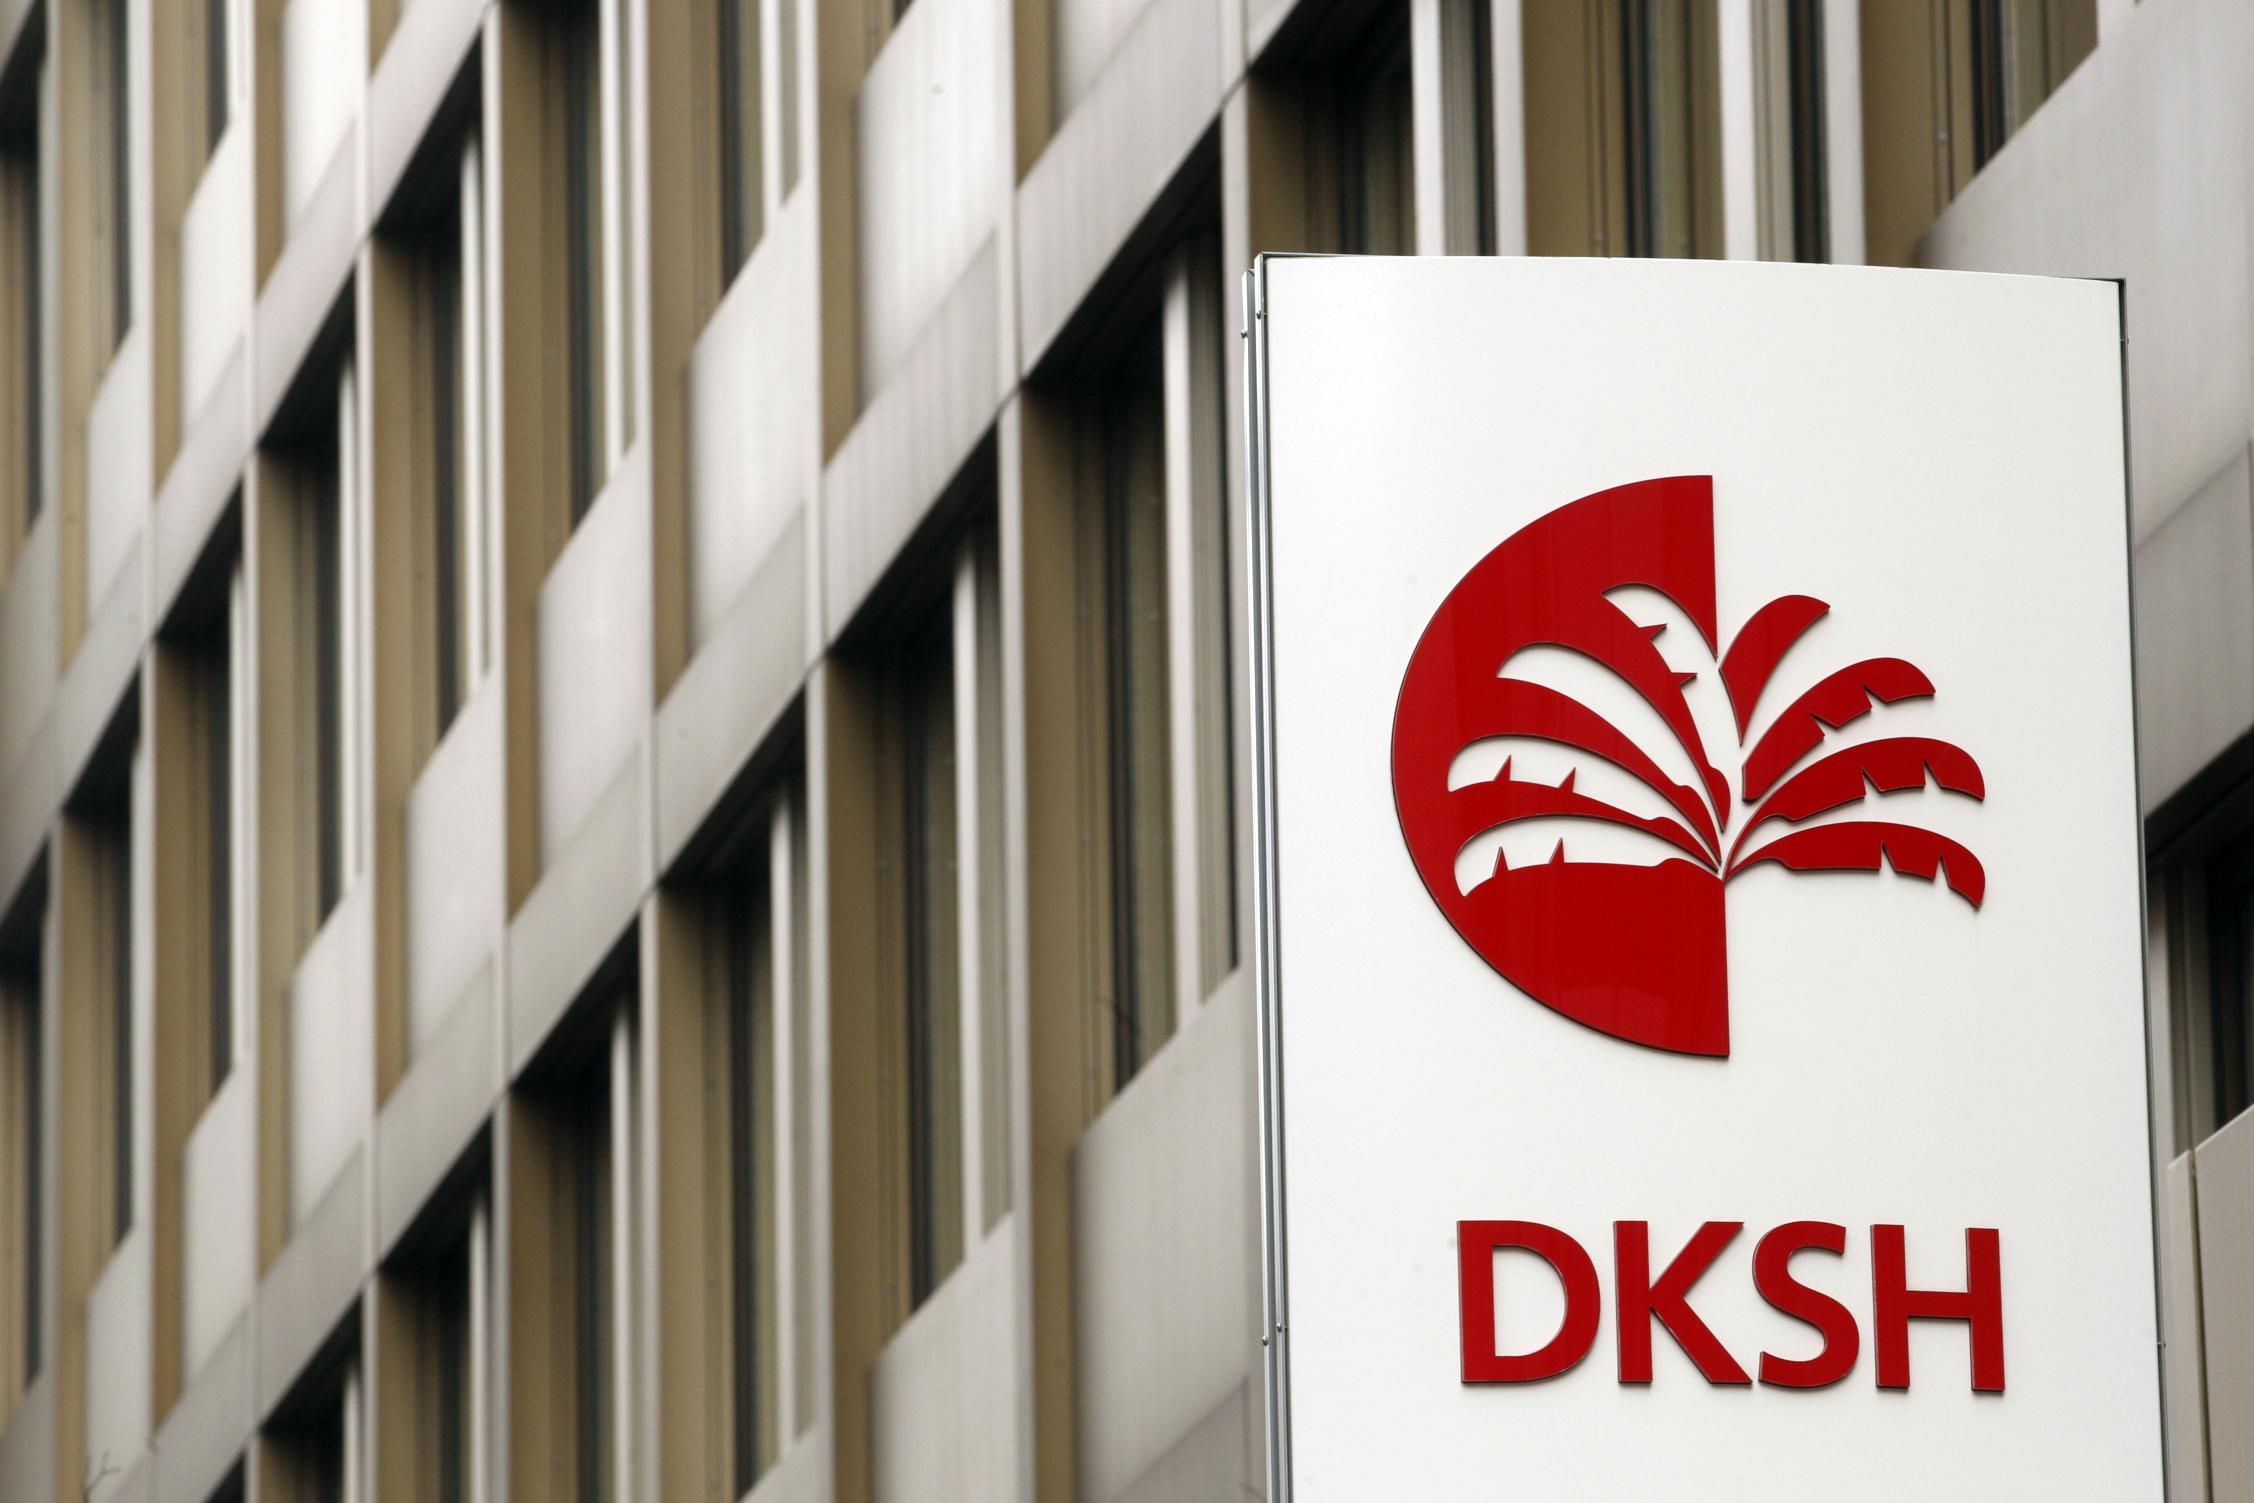 DKSH schlägt drei neue Verwaltungsratsmitglieder vor